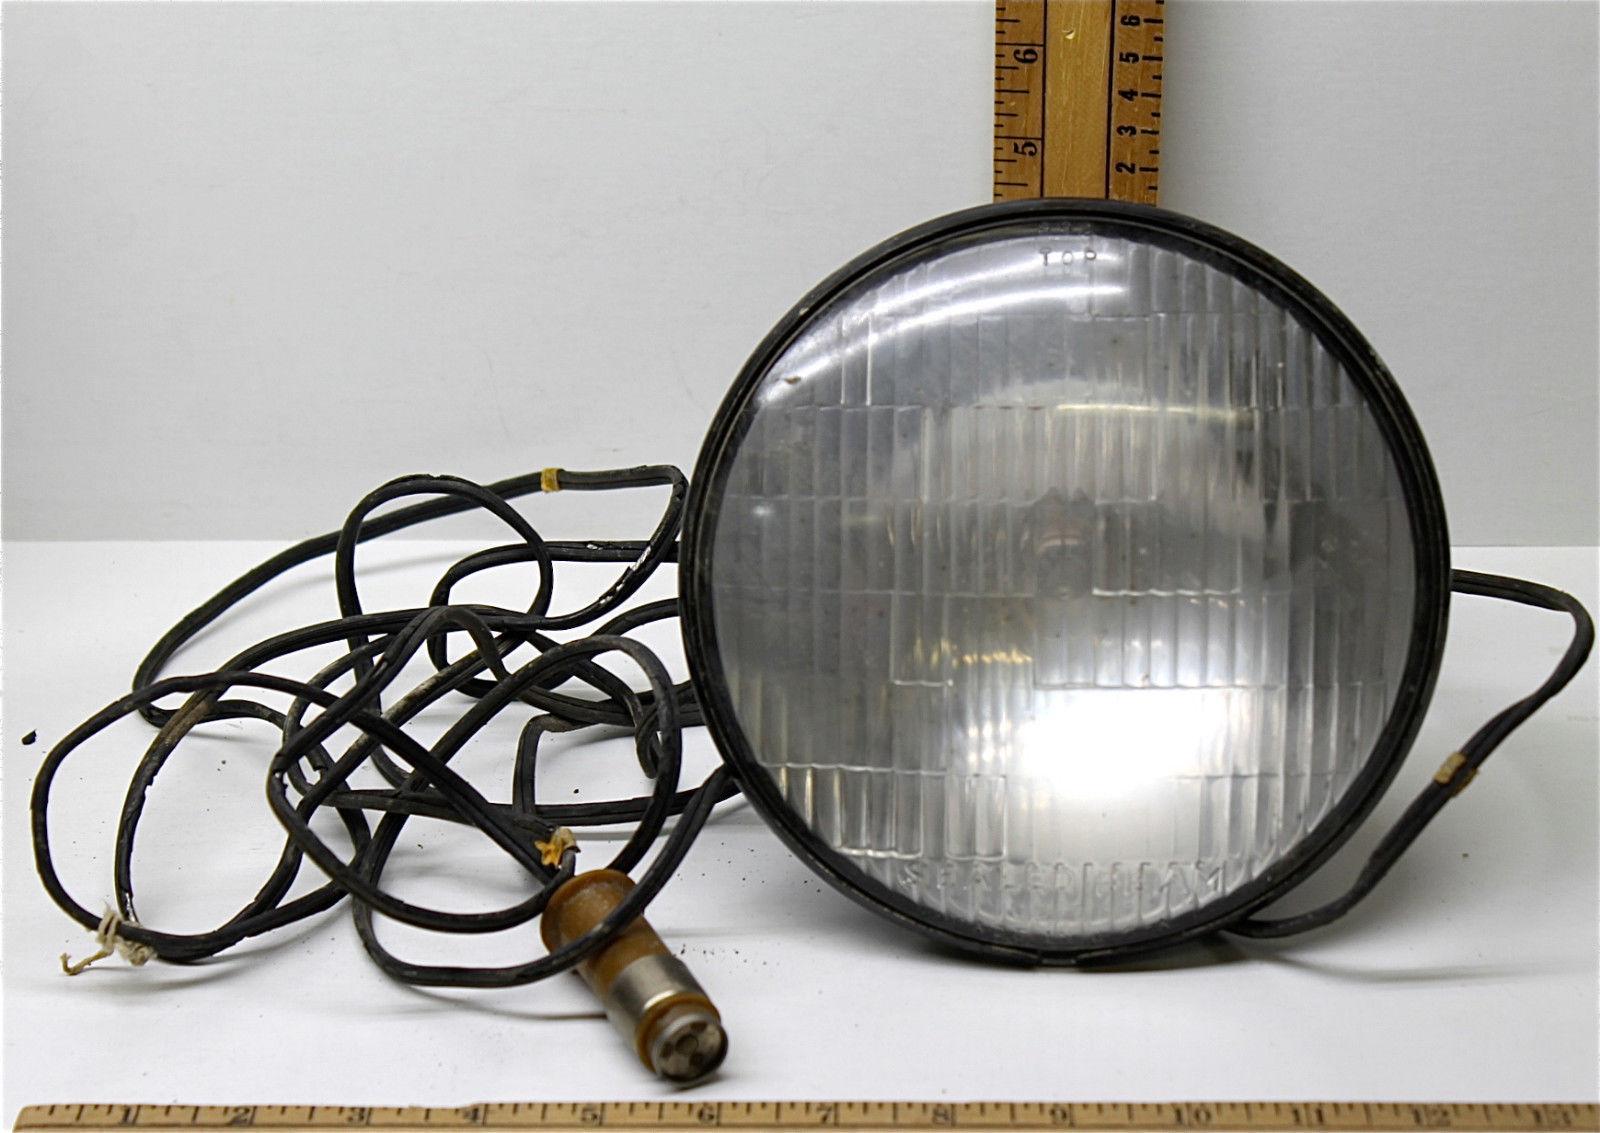 Guide Lamp Division USA GM General Motors Multi Purpose Guide Lamp Light Rare